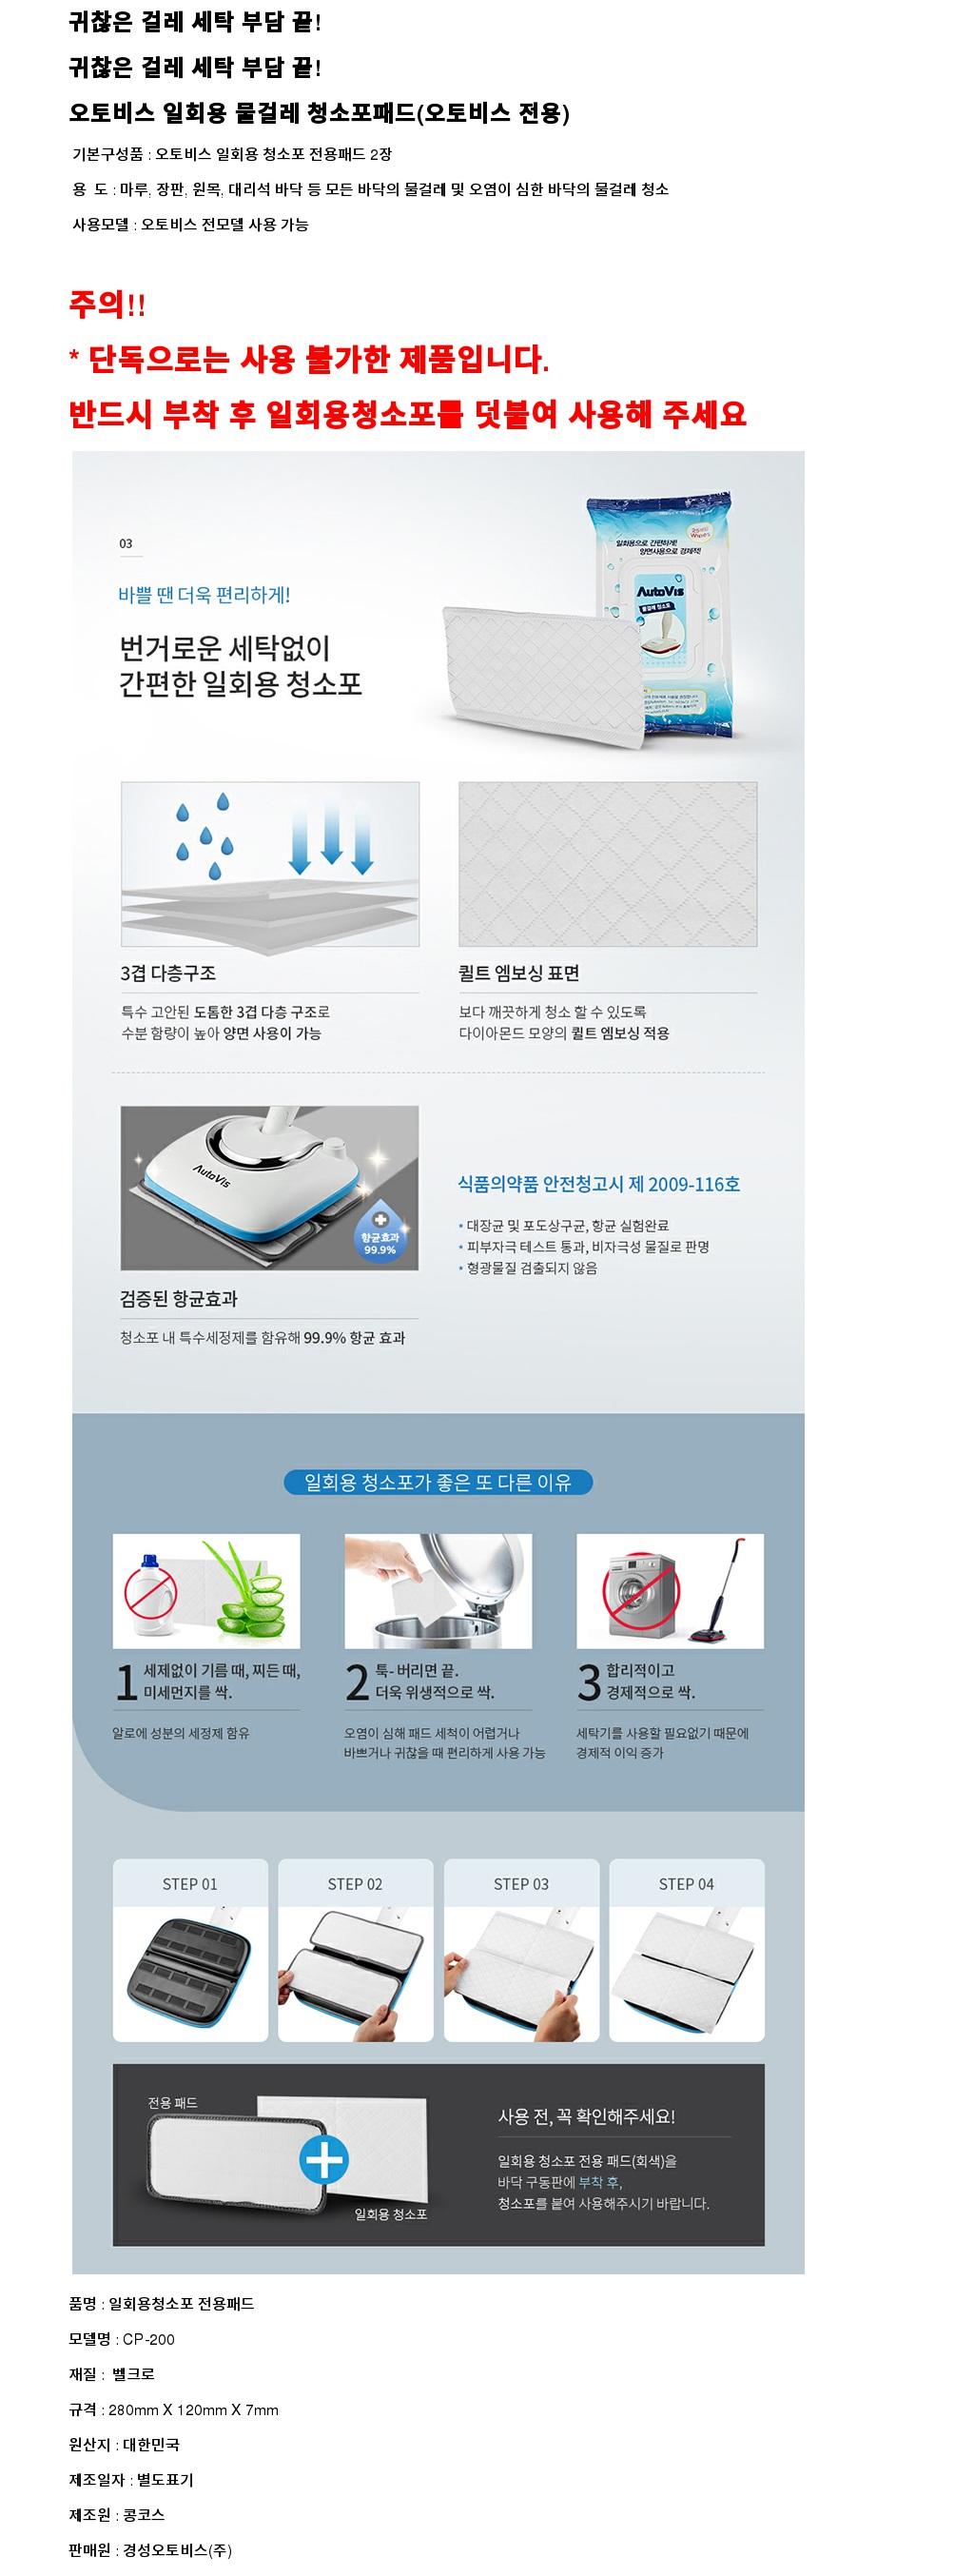 오토비스 일회용 청소포 전용 패드 - 오토비스, 8,000원, 청소기, 물걸레 청소기